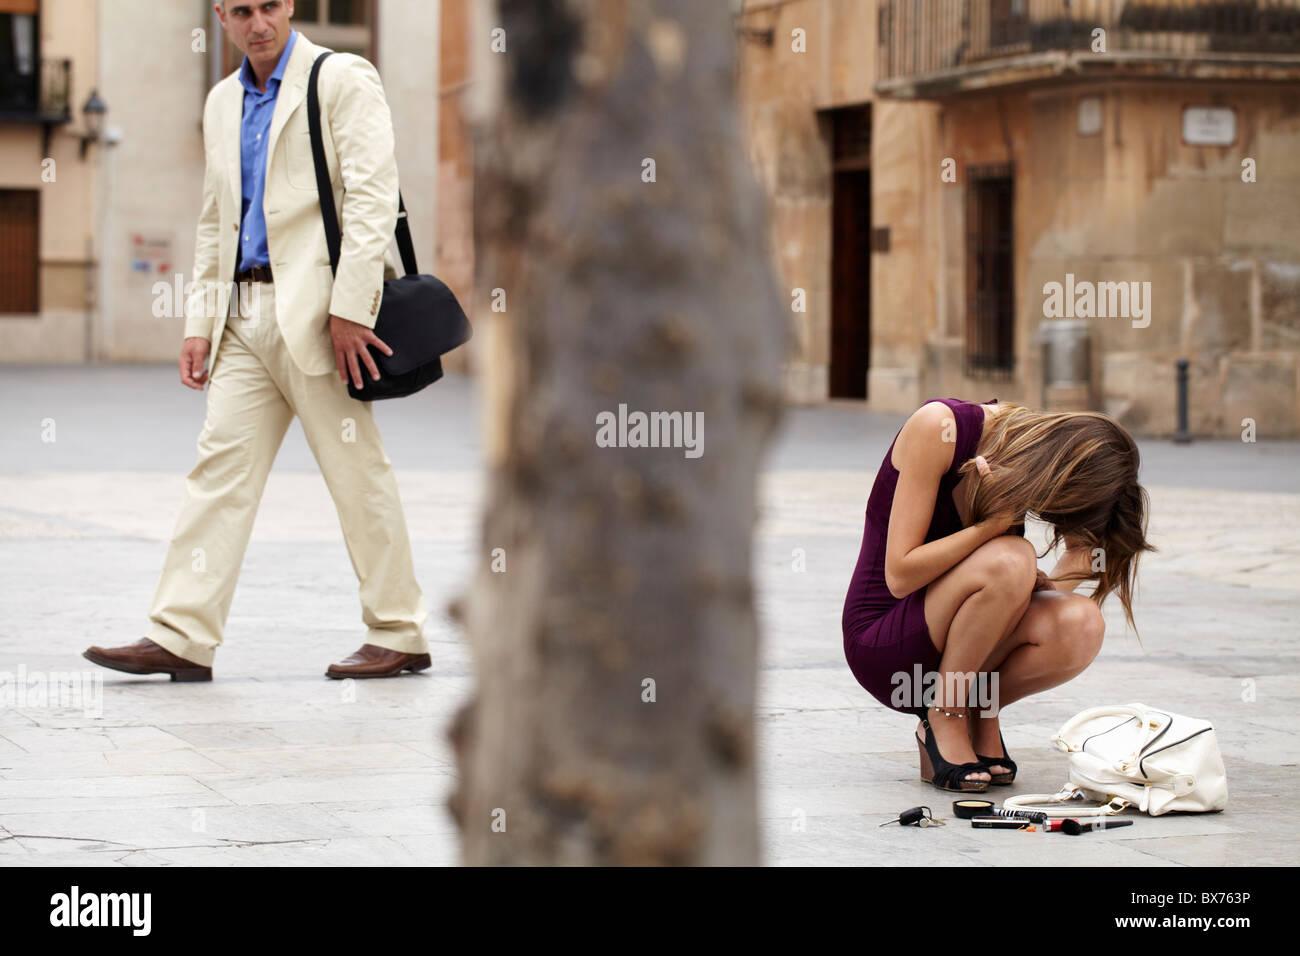 Mujer llorando sobre contenido de bolso derramado en la calle, hombre de edad avanzada caminar mirando su Foto de stock